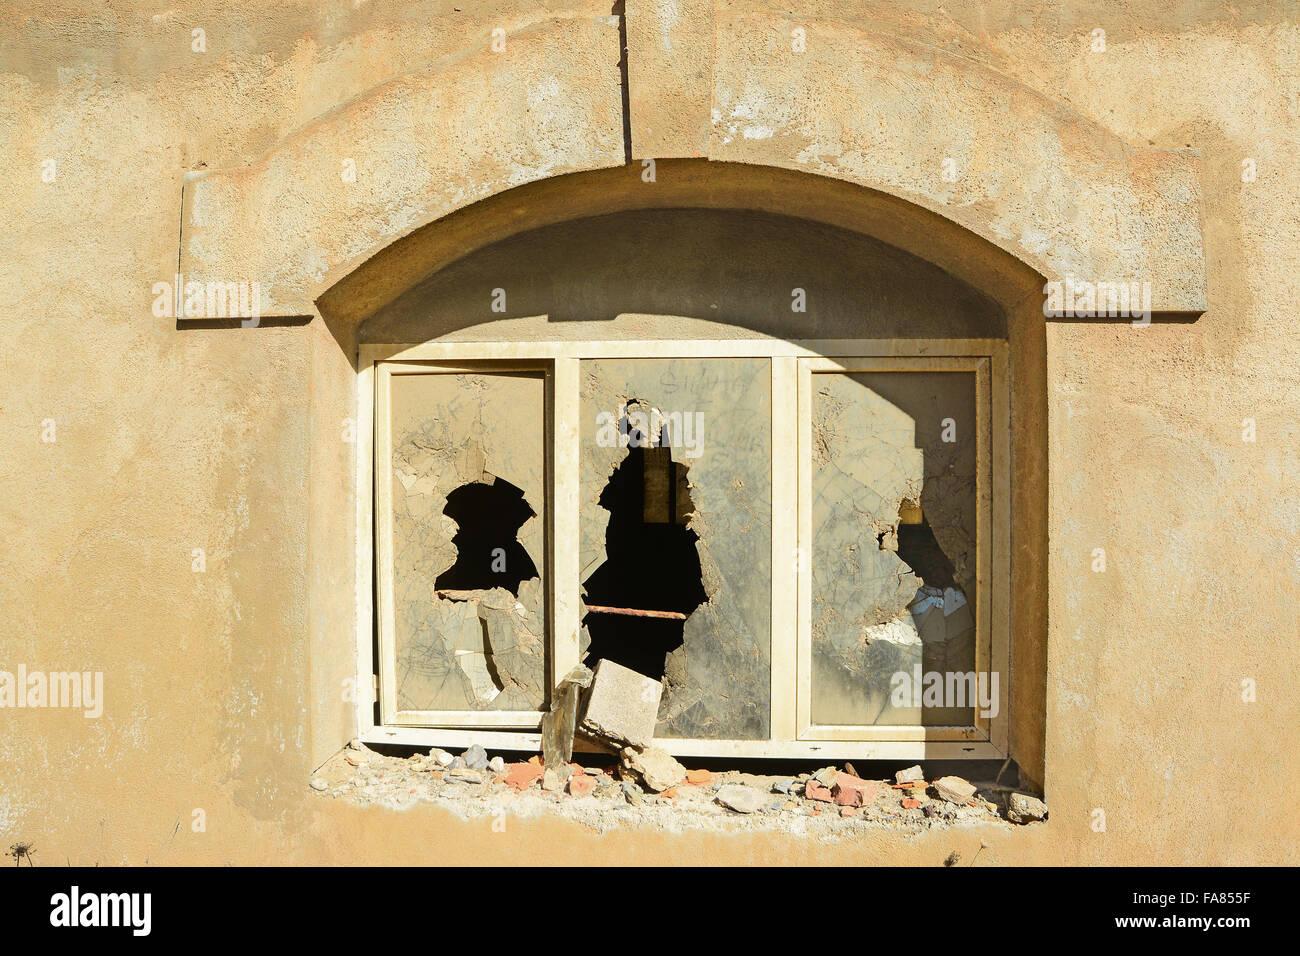 Broken Window Burglary, Building Stock Photos & Broken Window ...